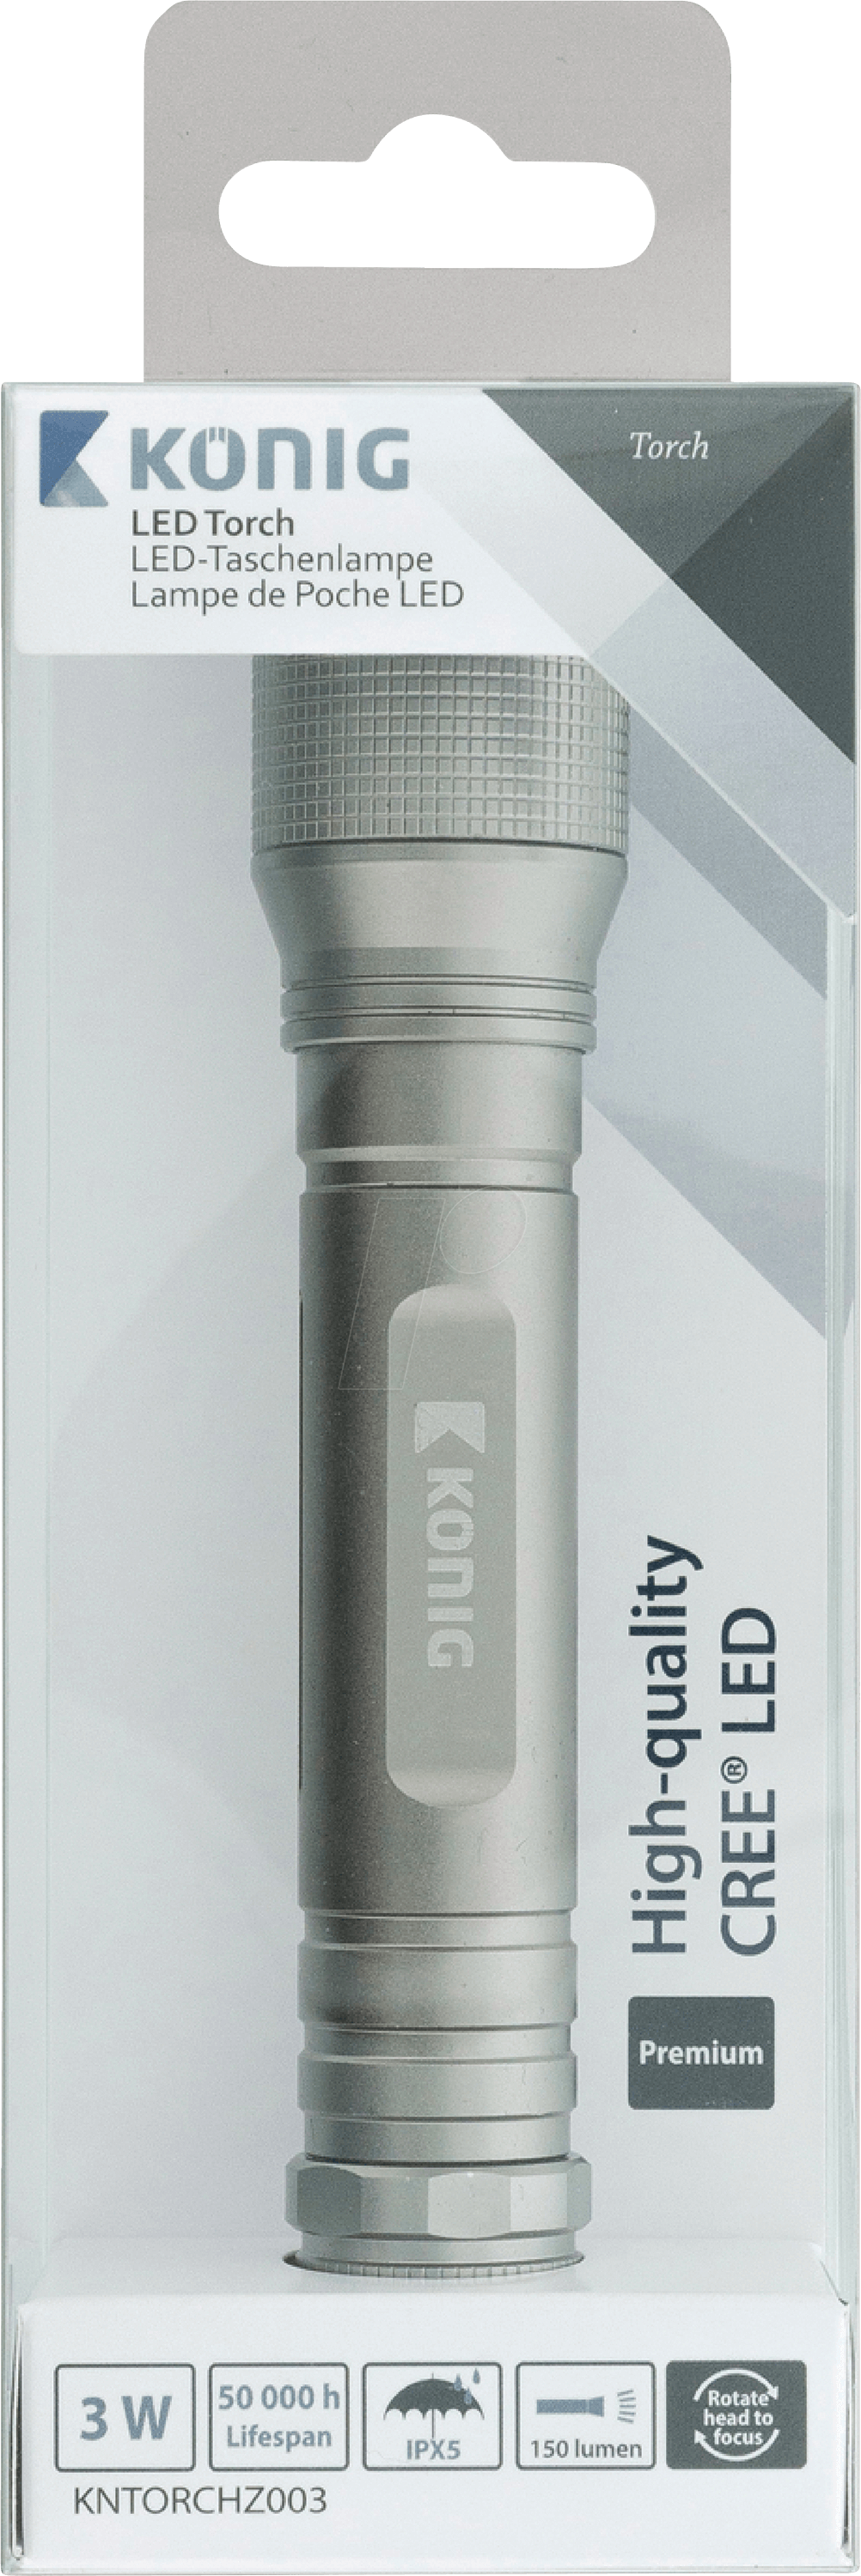 De Kn Argentée Lm Led Torchz003 Lampe Poche 150 9EDH2I